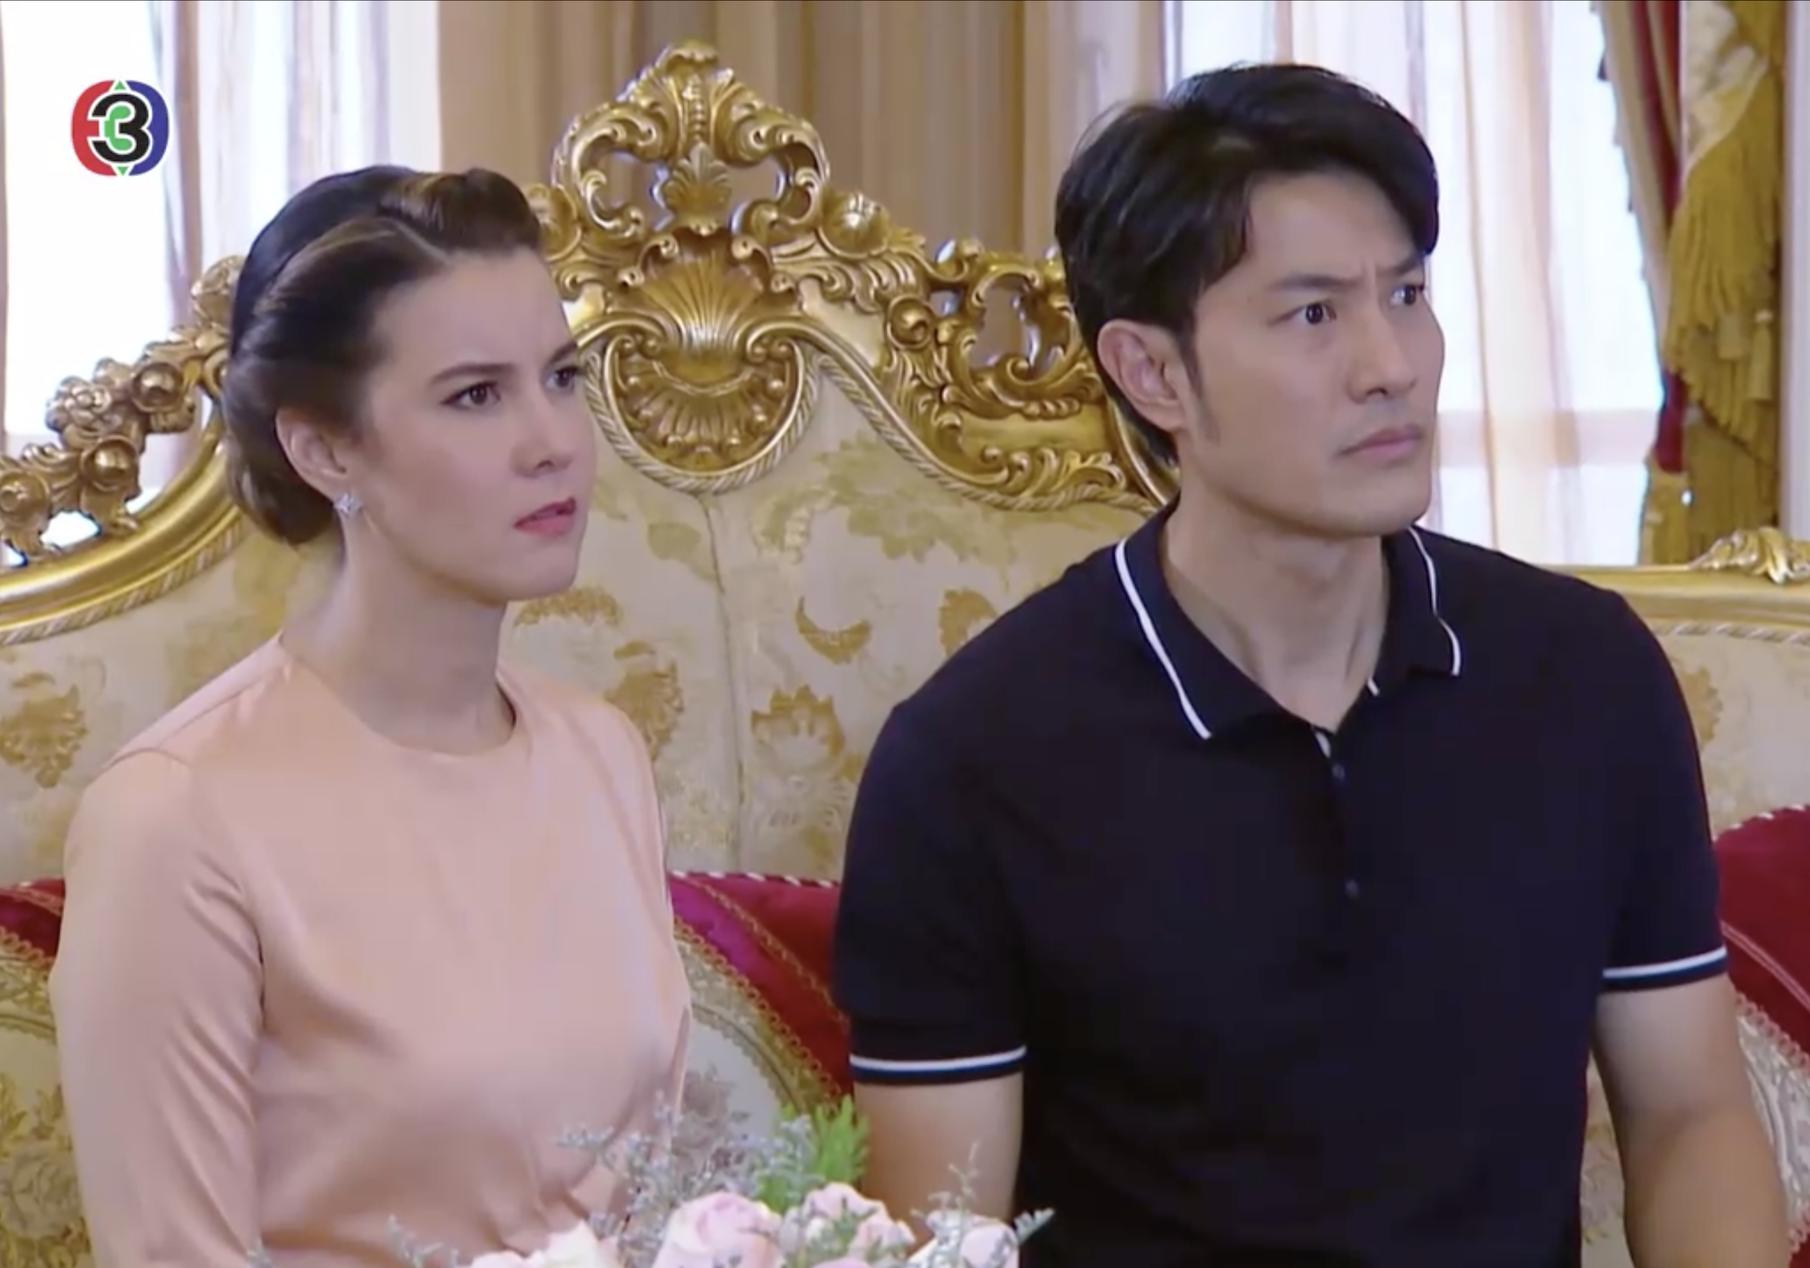 ฟ้าฝากรัก Thai Film 2019